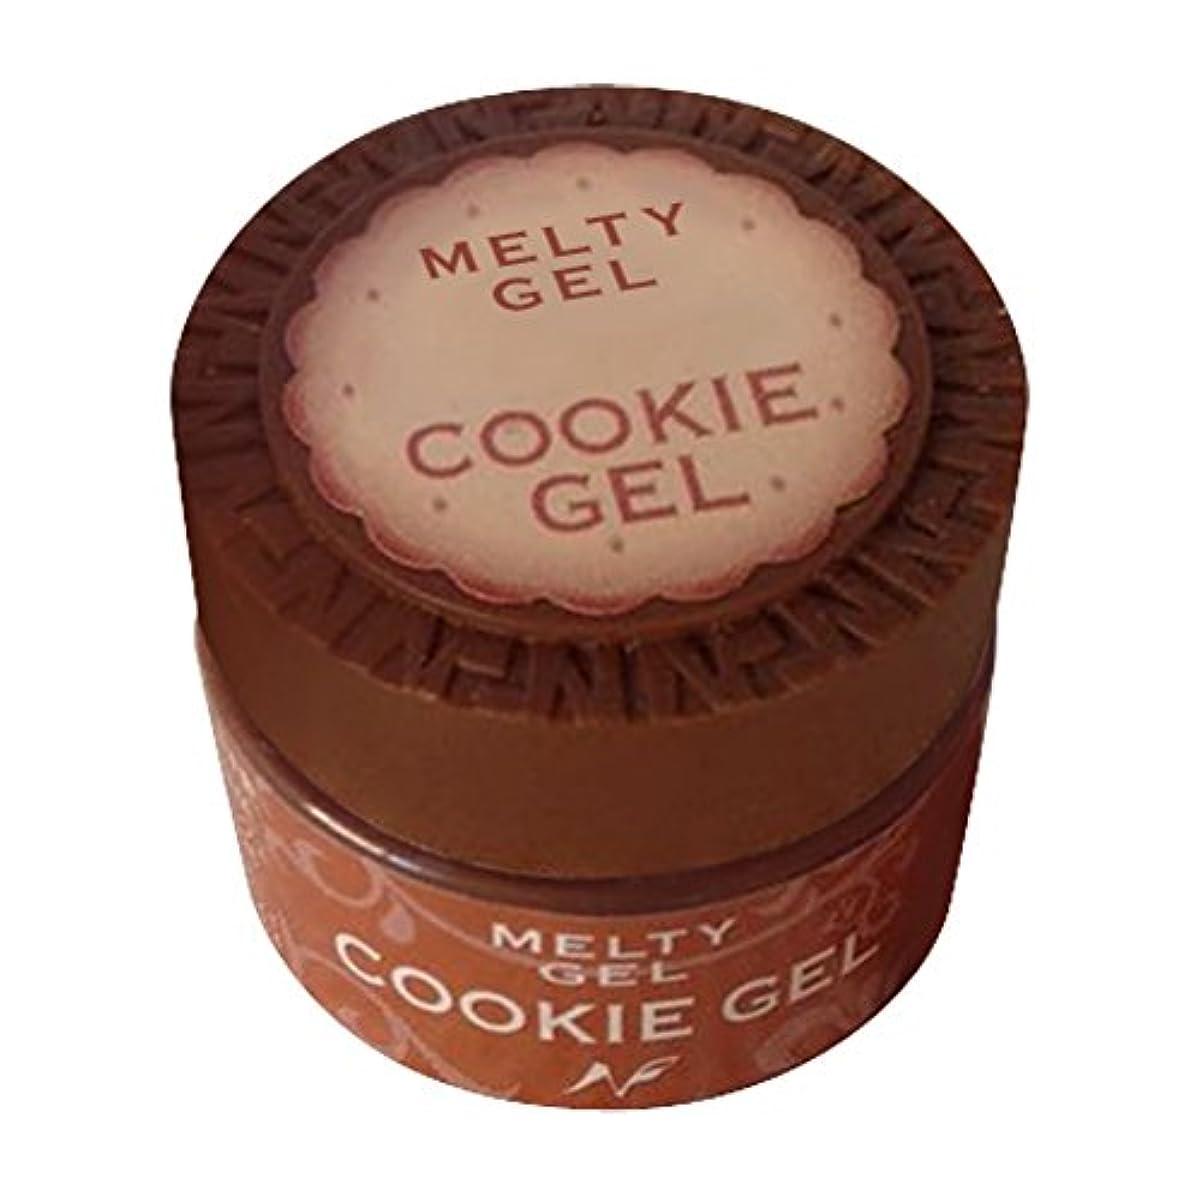 多用途クローン本能Natural Field Melty Gel クッキージェル 3906イエロー 5g